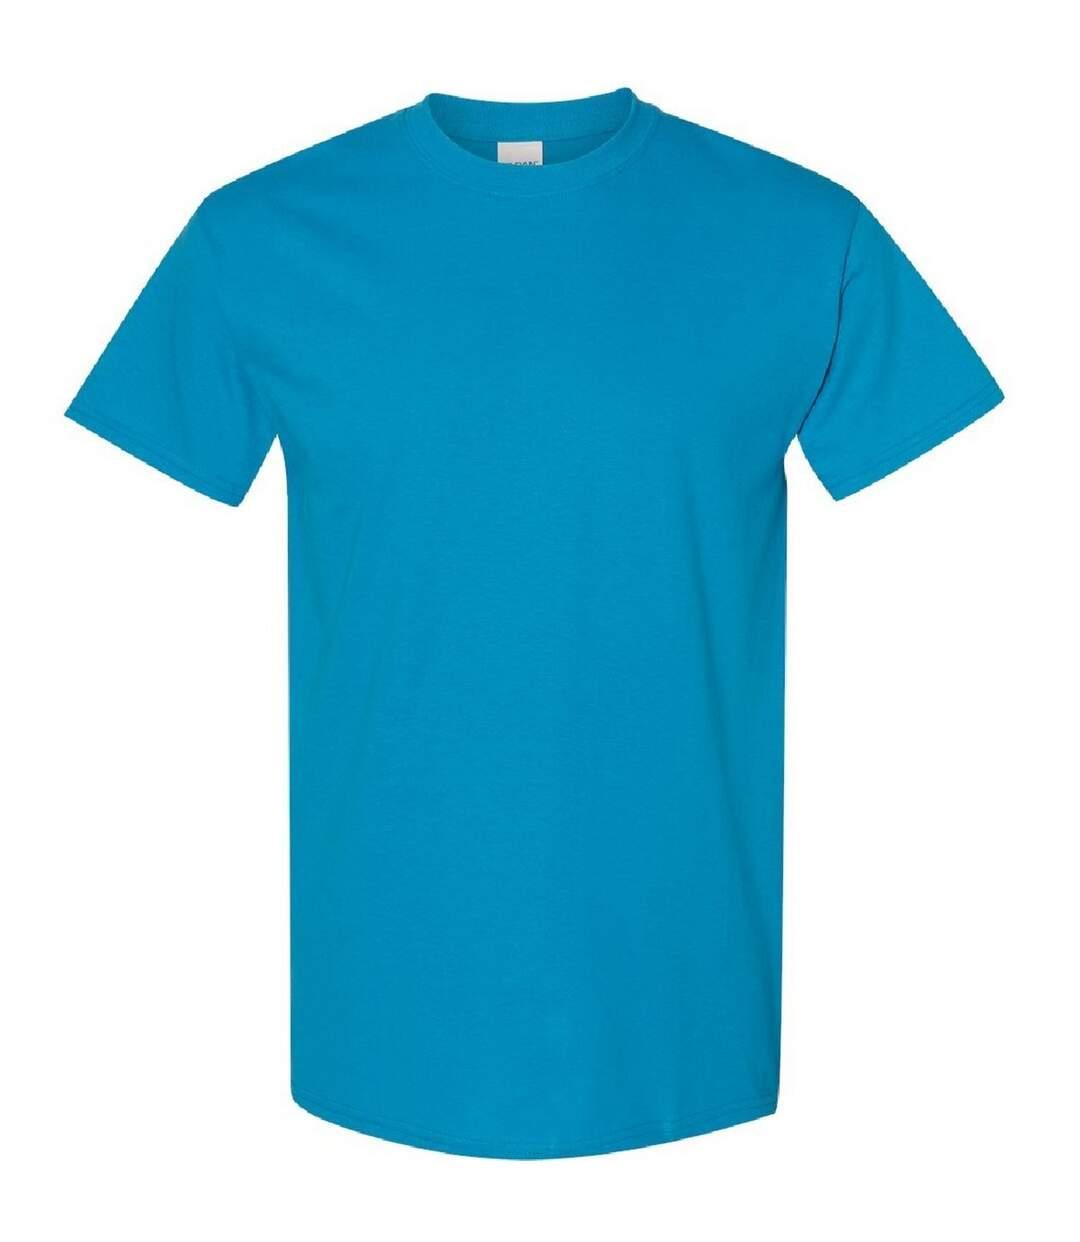 Gildan - T-shirts manches courtes - Hommes (Saphir) - UTBC4807